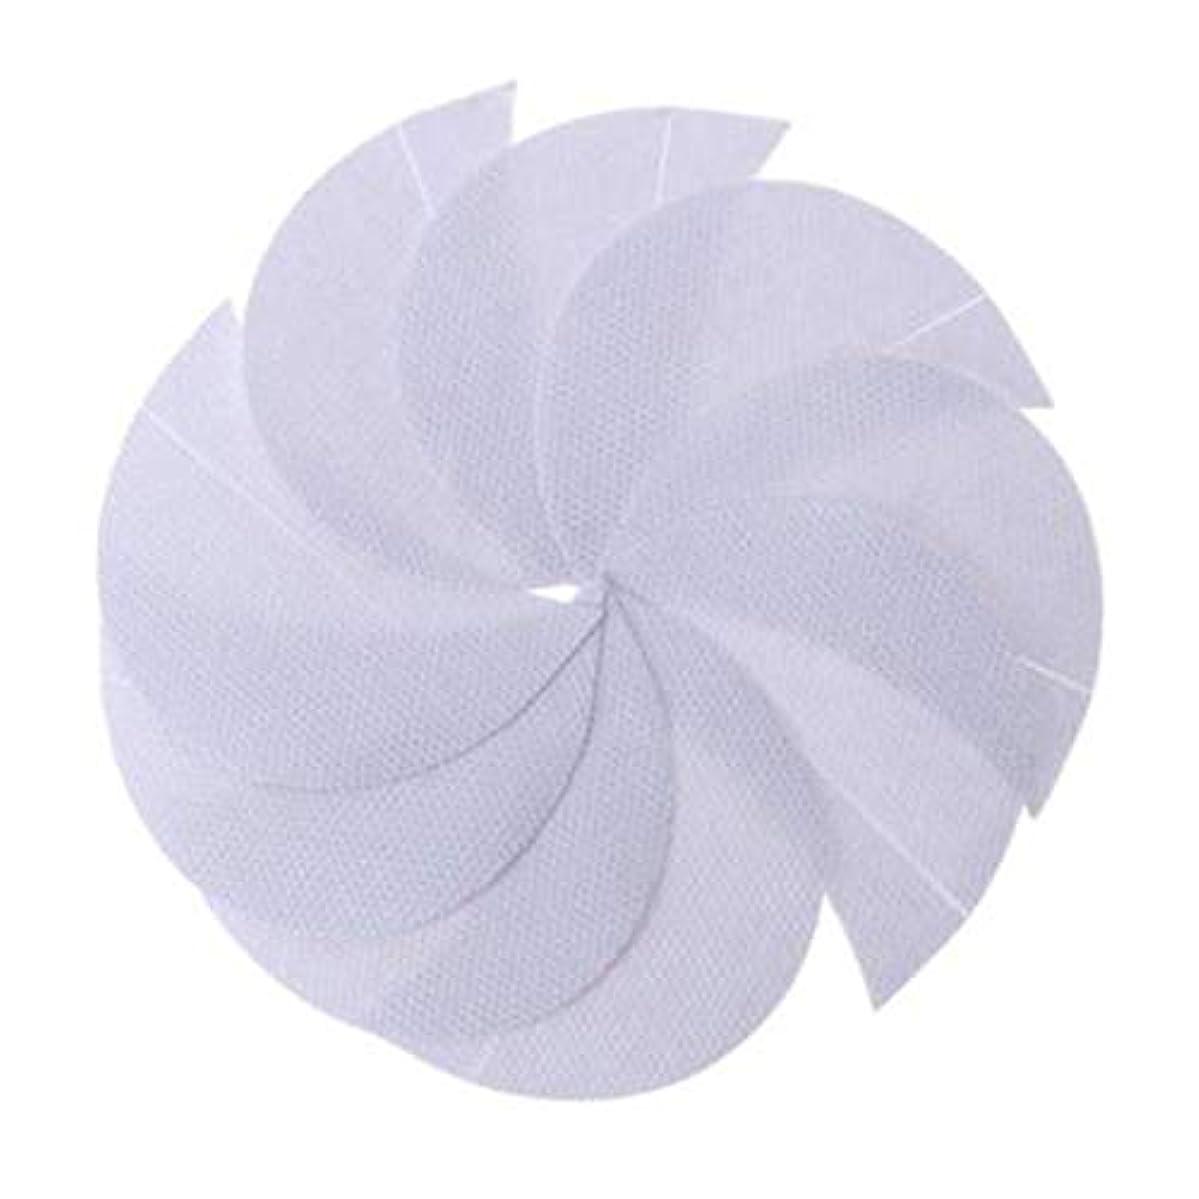 服を着る深く谷Rabugogo 100個/袋不織布アイシャドーシールドアイシャドージェルパッドパッチアイシャドーステンシル防止まつげエクステ化粧品残留物